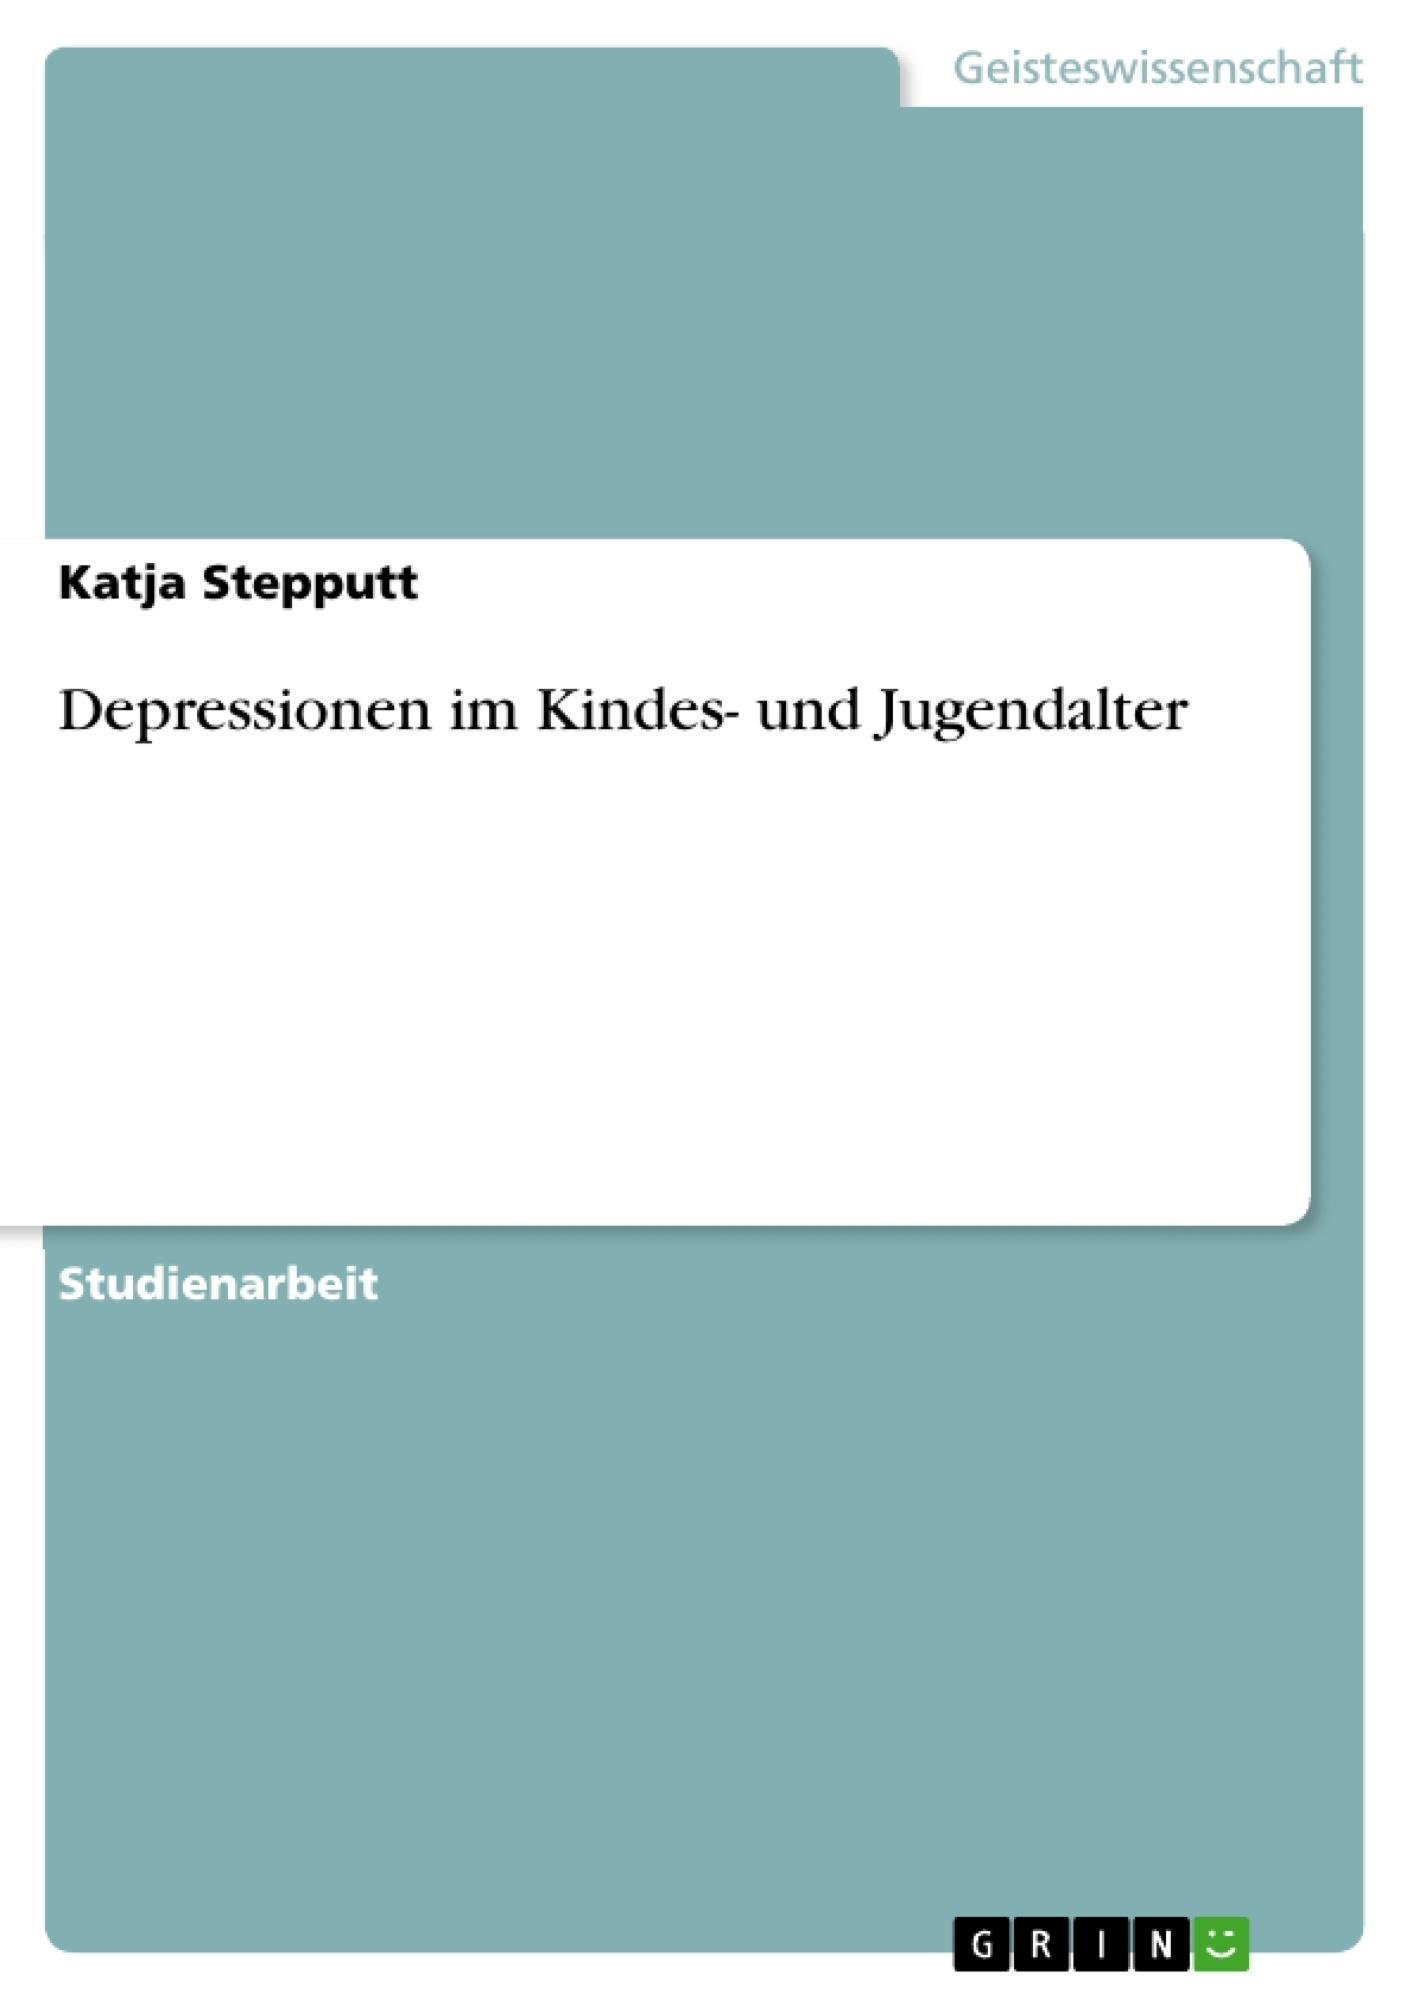 Titel: Depressionen im Kindes- und Jugendalter